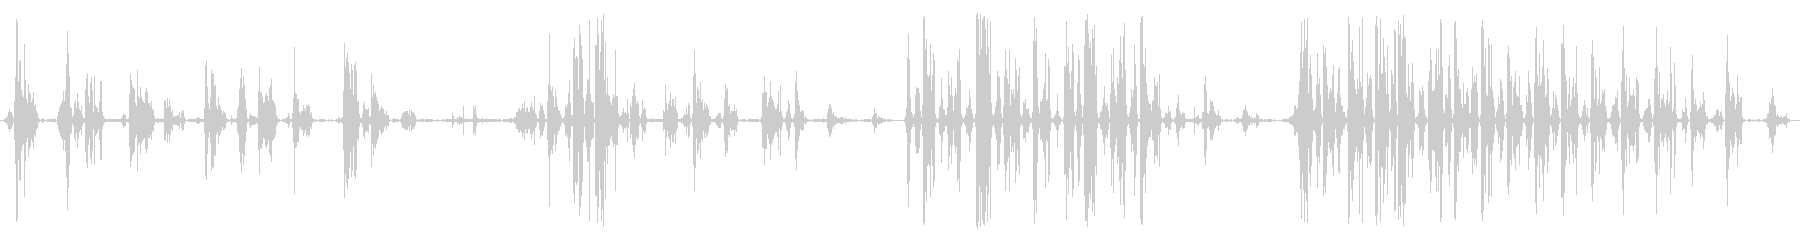 グランクライク・グローリング、ライ...の未再生の波形